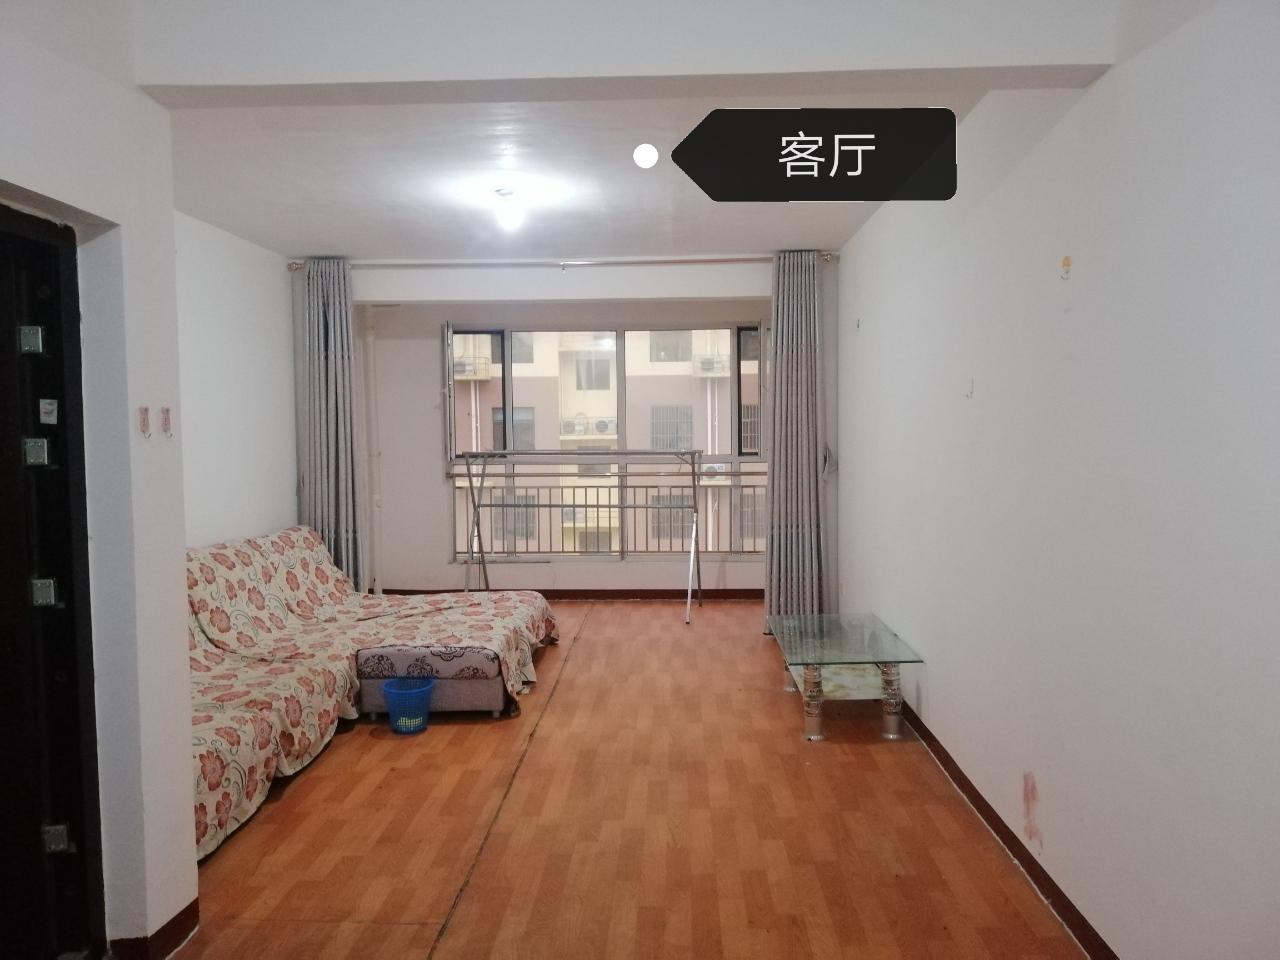 裕兴花园2室 2厅 1卫69万元